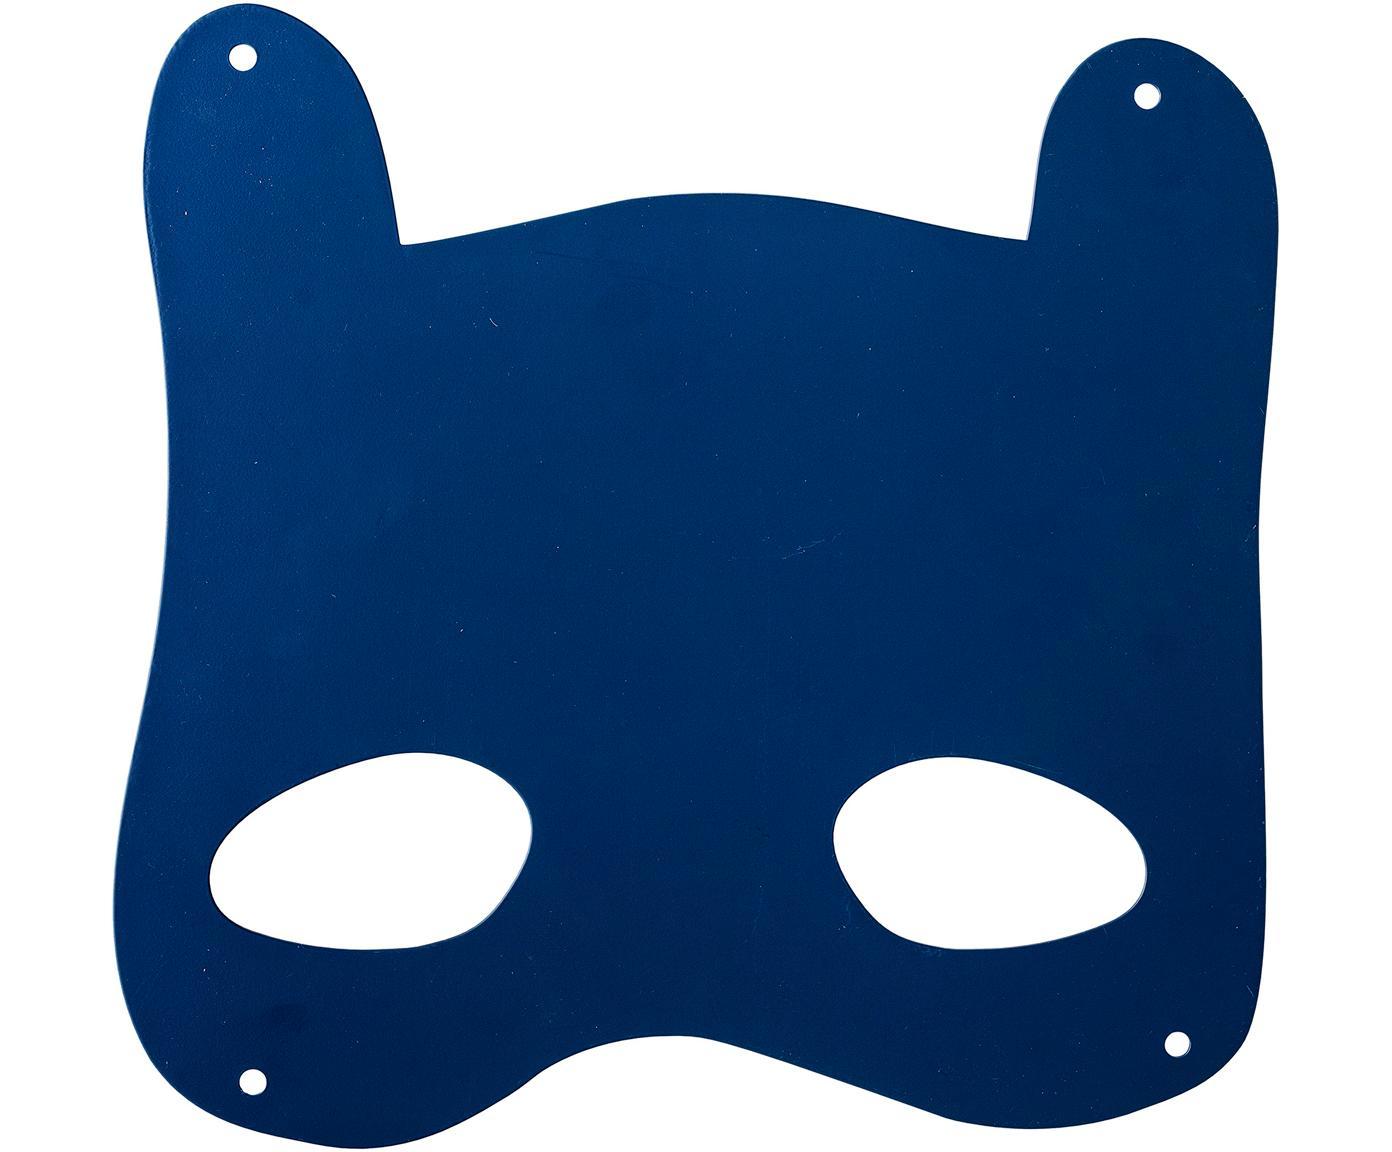 Magnetyczna tablica ścienna Mask, Metal powlekany, Niebieski, S 33 x W 31 cm